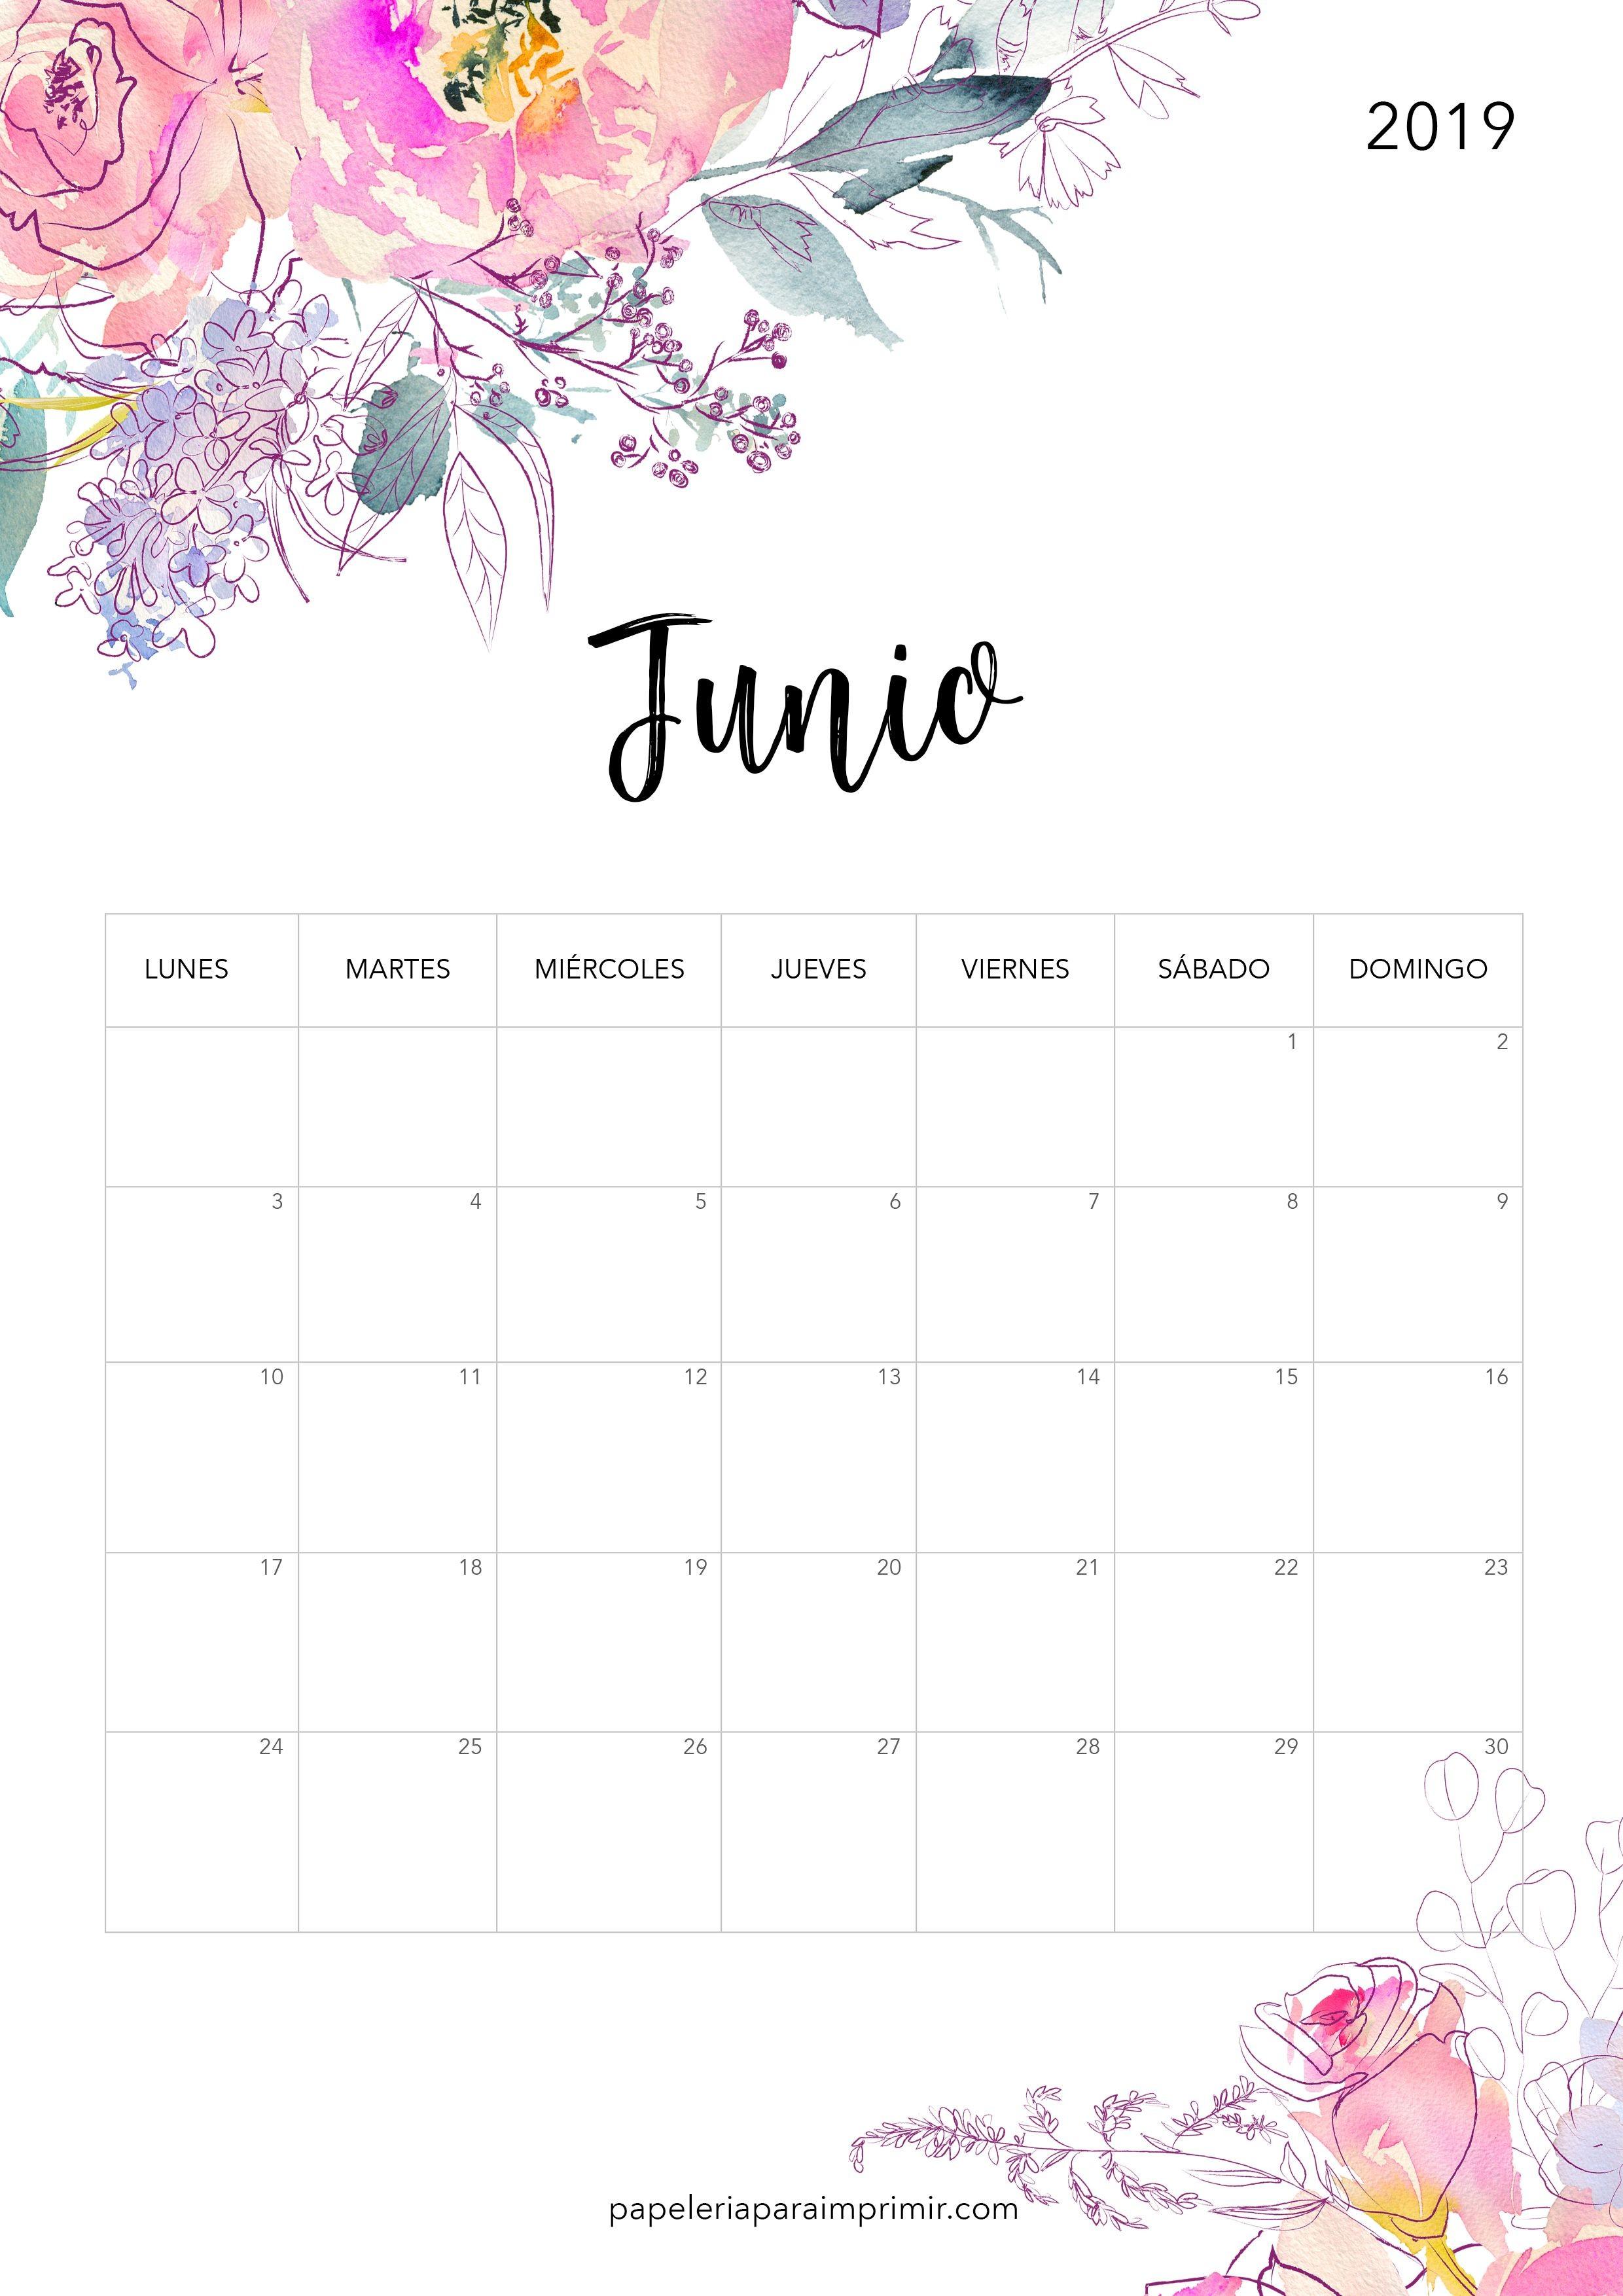 Calendario 2019 Para Llenar E Imprimir Actual Calendario Para Imprimir Junio 2019 Calendario Imprimir Junio Of Calendario 2019 Para Llenar E Imprimir Más Caliente Anuncios Calendario Escolar 2019 Gijon